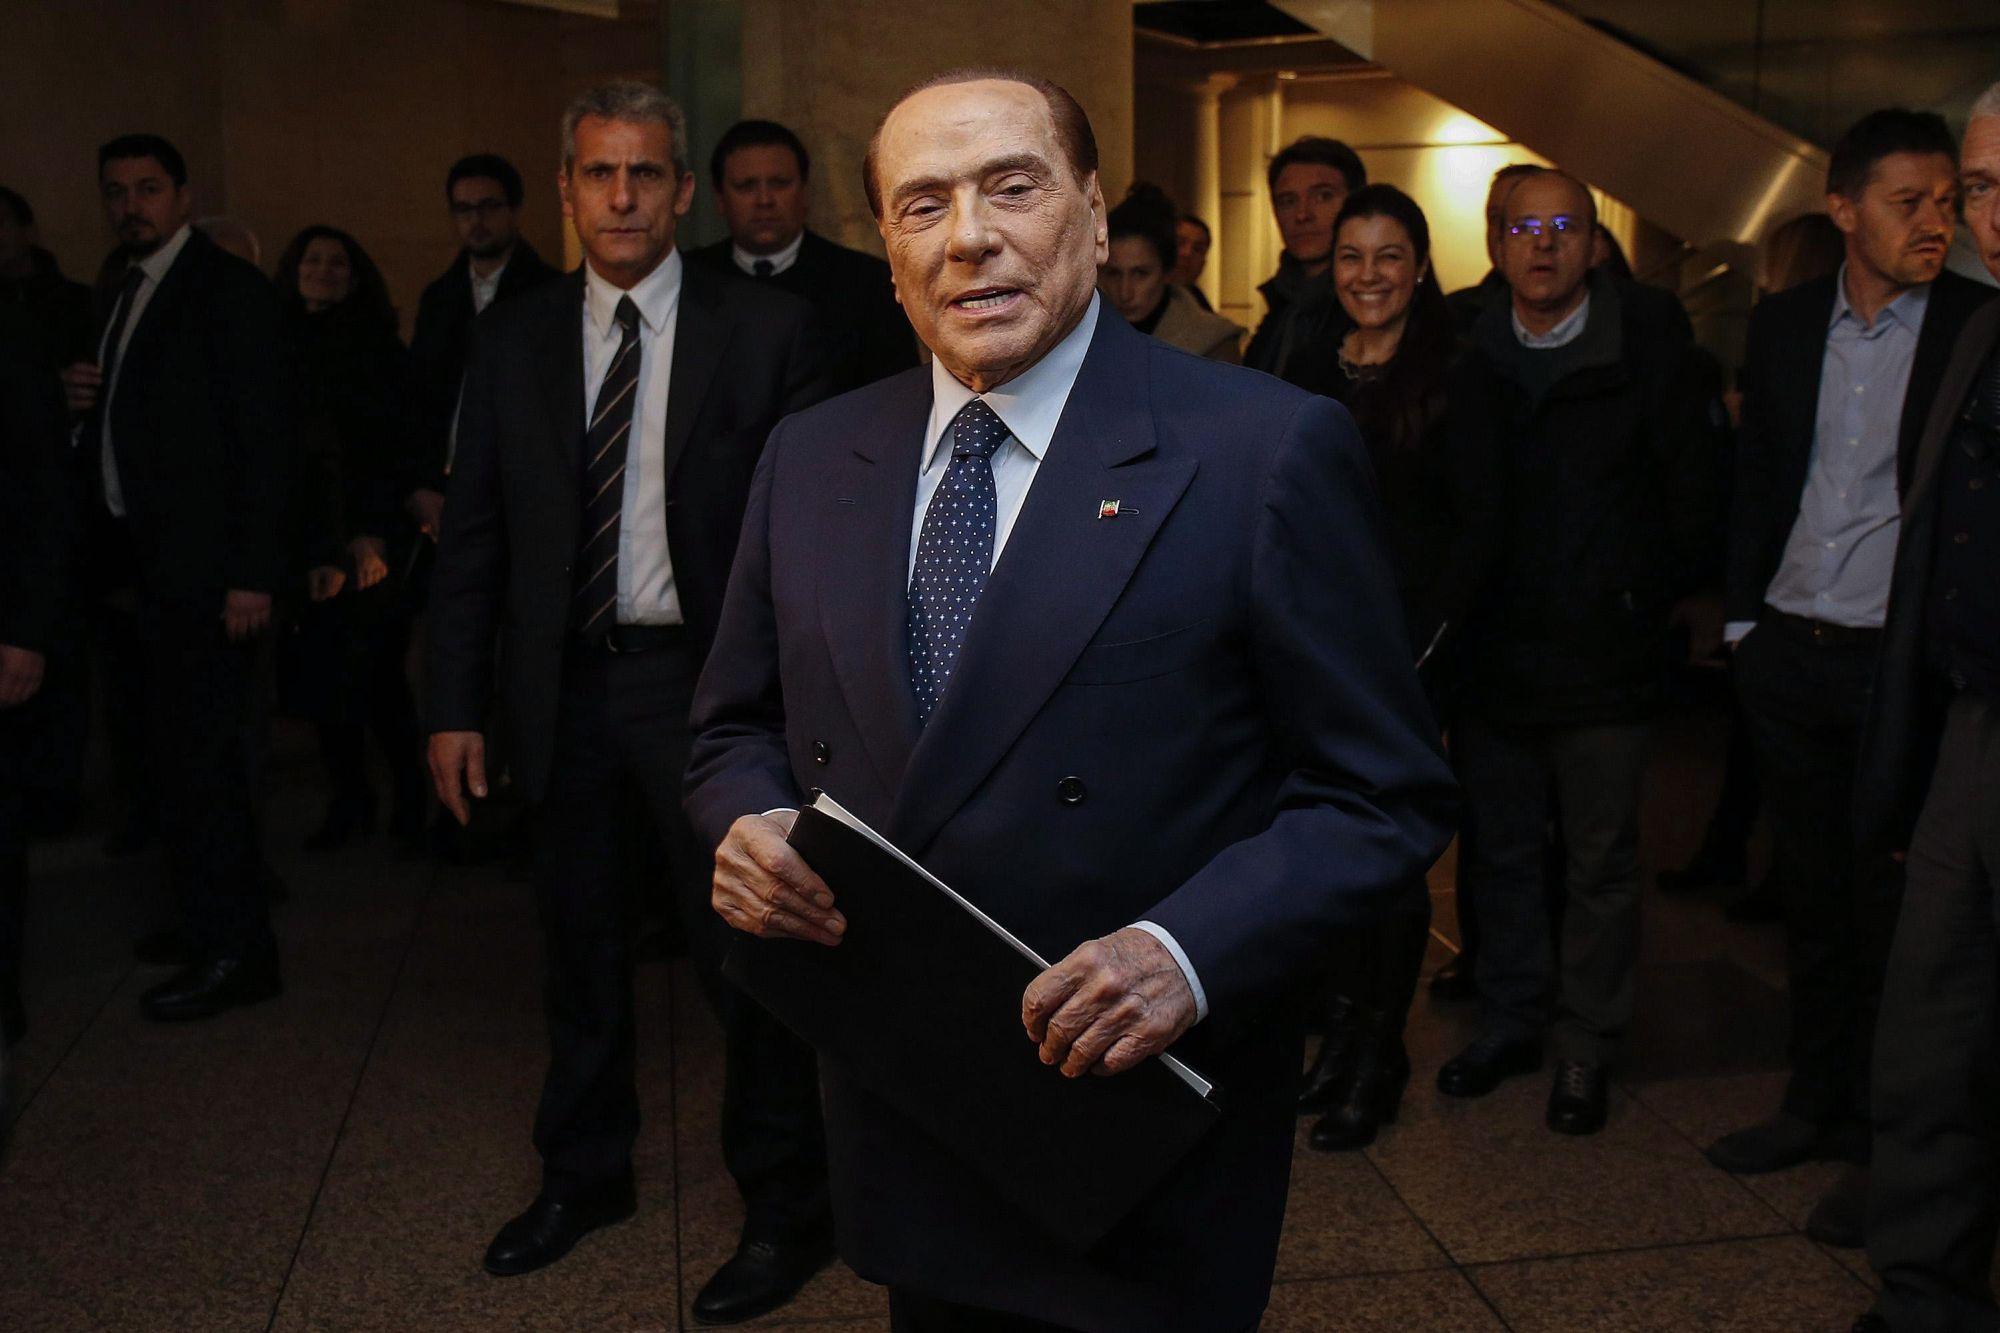 Silvio Berlusconi volt olasz miniszterelnök, a Forza Italia (FI) párt vezetője a jobbközép pártok közös választási kampányrendezvényét követő sajtótájékoztatóra érkezik Rómában, 2018. március 1-jén. A kormányfői posztot eddig négyszer is betöltő, 81 éves politikus két nappal korábban bejelentette, hogy miután 2019-ben lejár a közügyektől való eltiltása, újra elvállalná a kormányfői tisztséget egy esetleges előrehozott választáson.